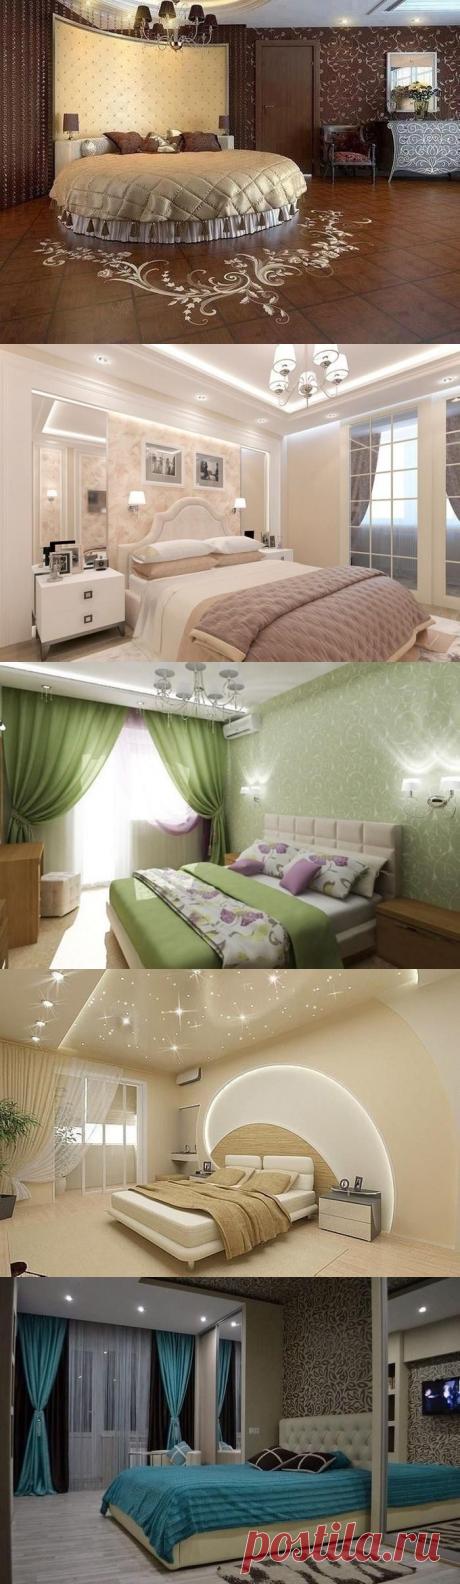 Спальня — место, где должно быть уютно и комфортно. 25 потрясающих идей для ремонта | Тысяча и одна идея